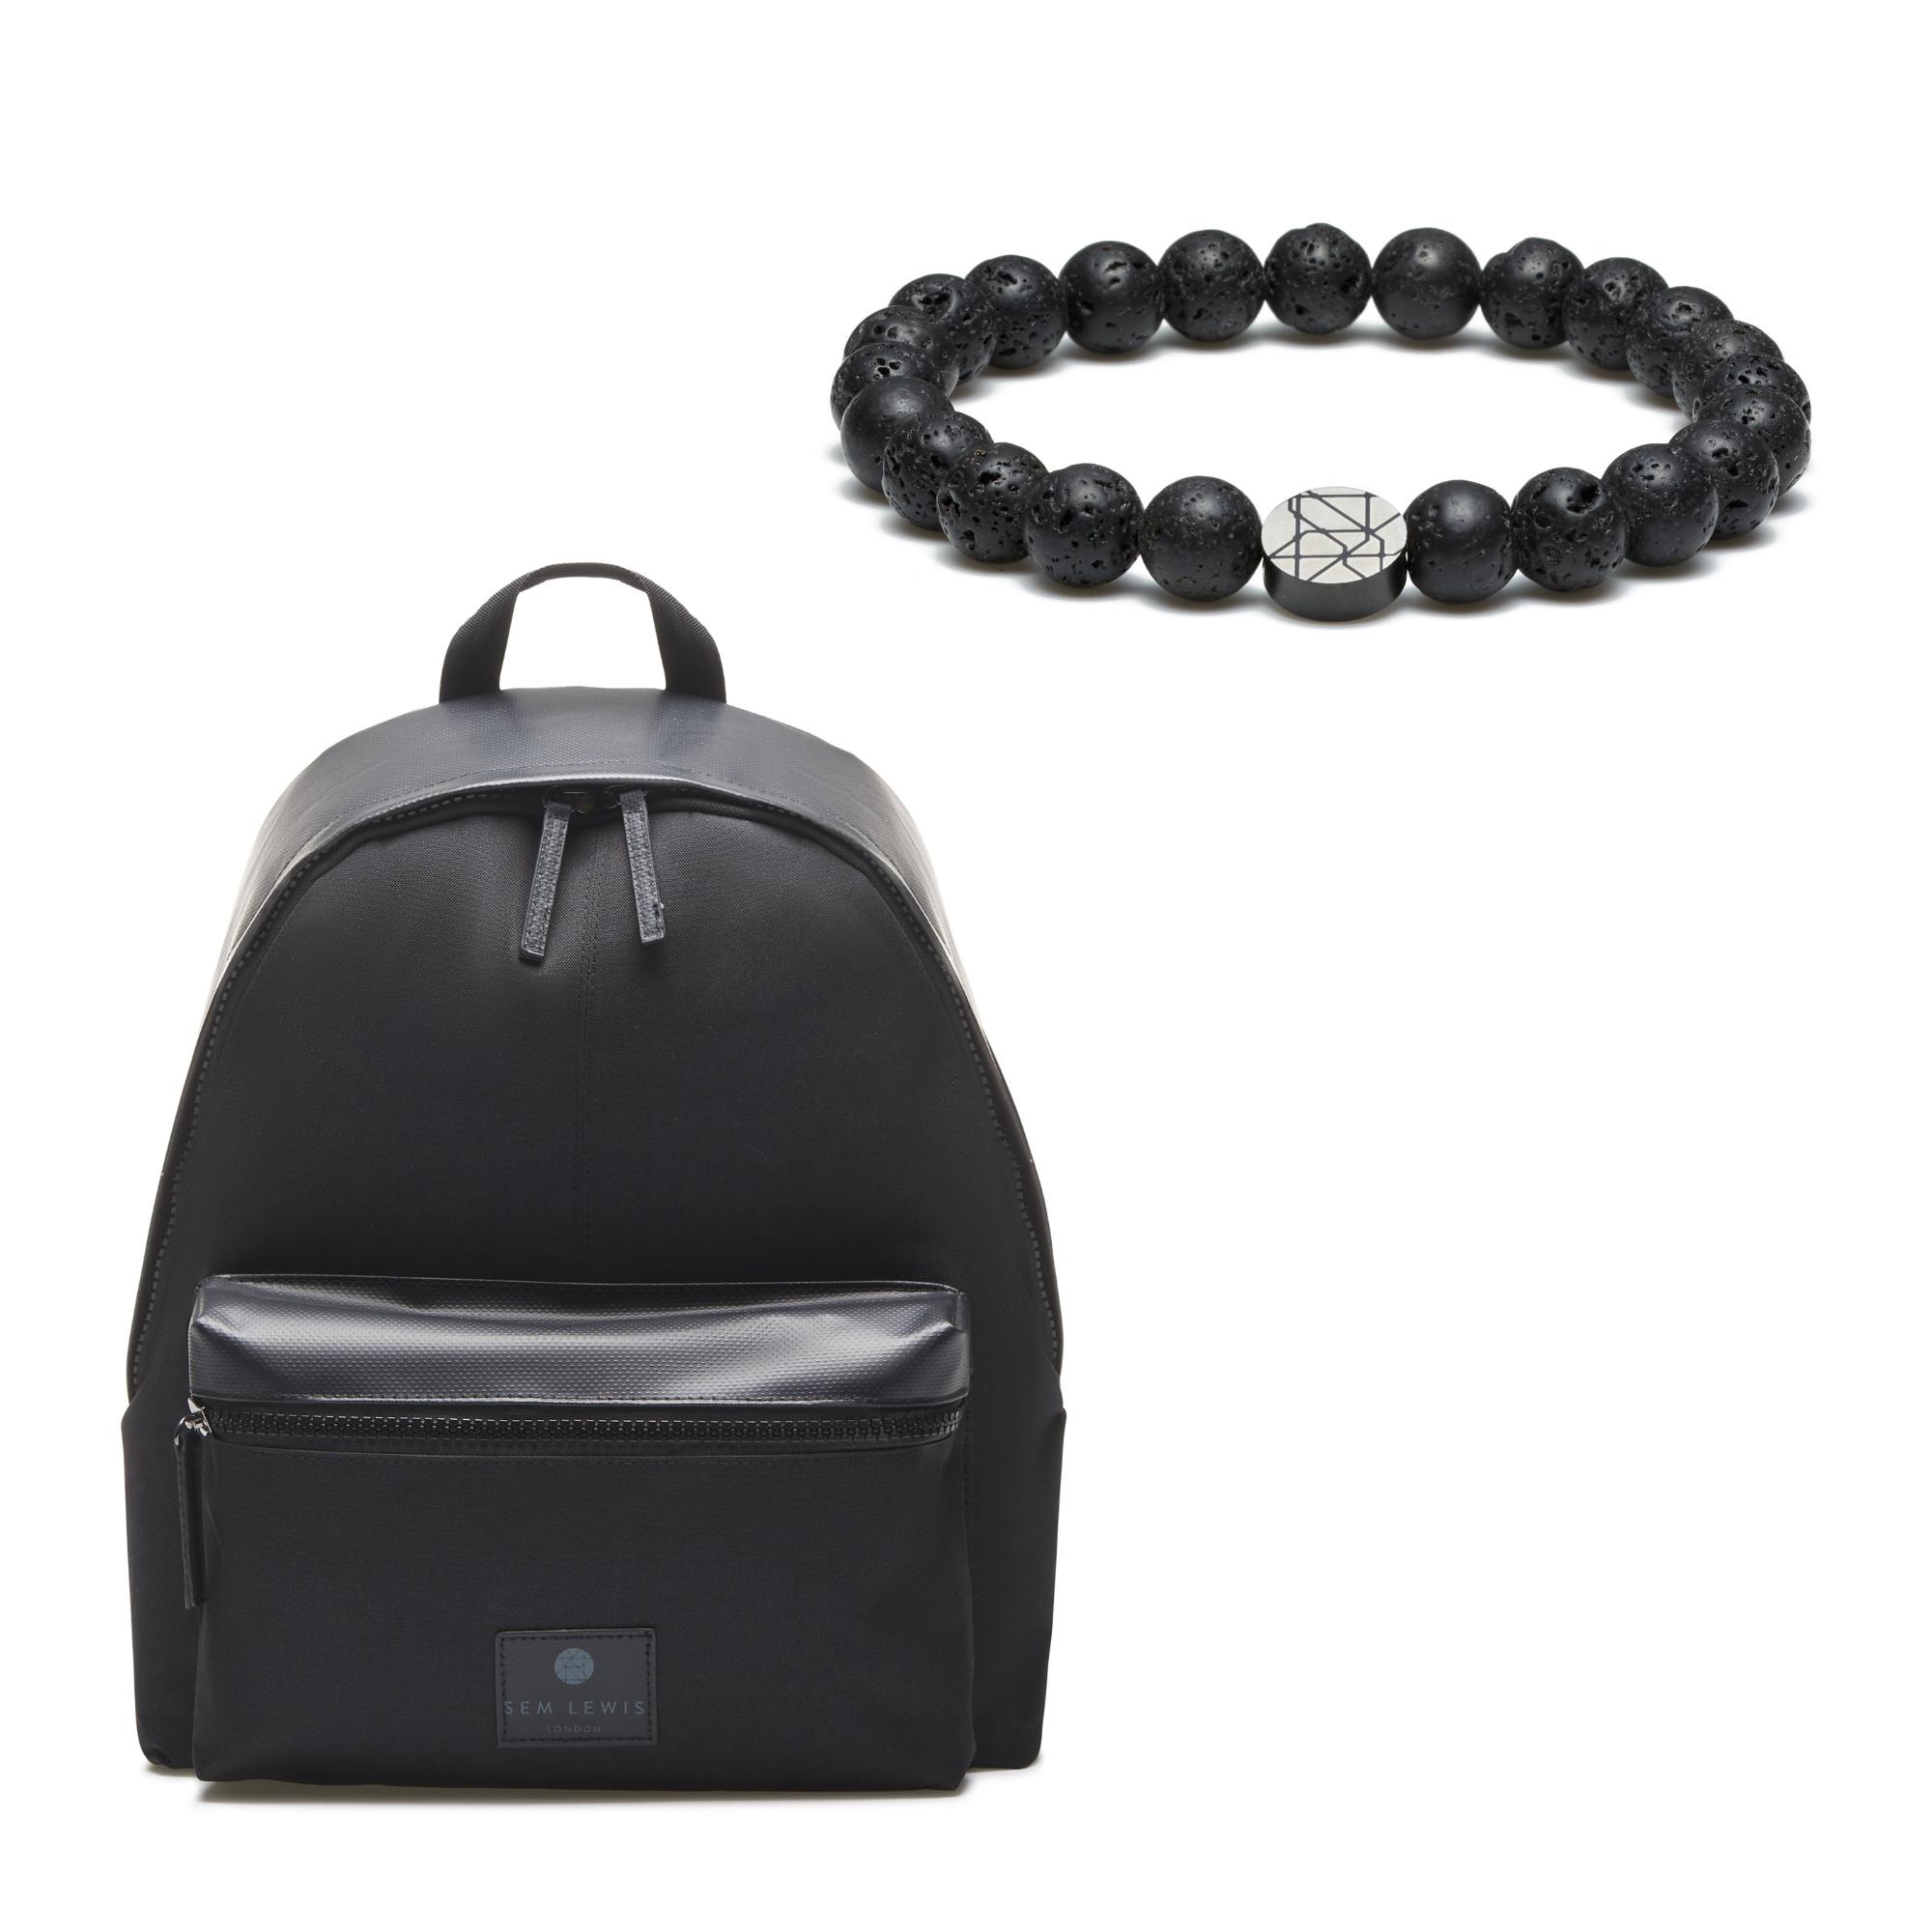 Sem Lewis Sem's Present backpack black and bracelet